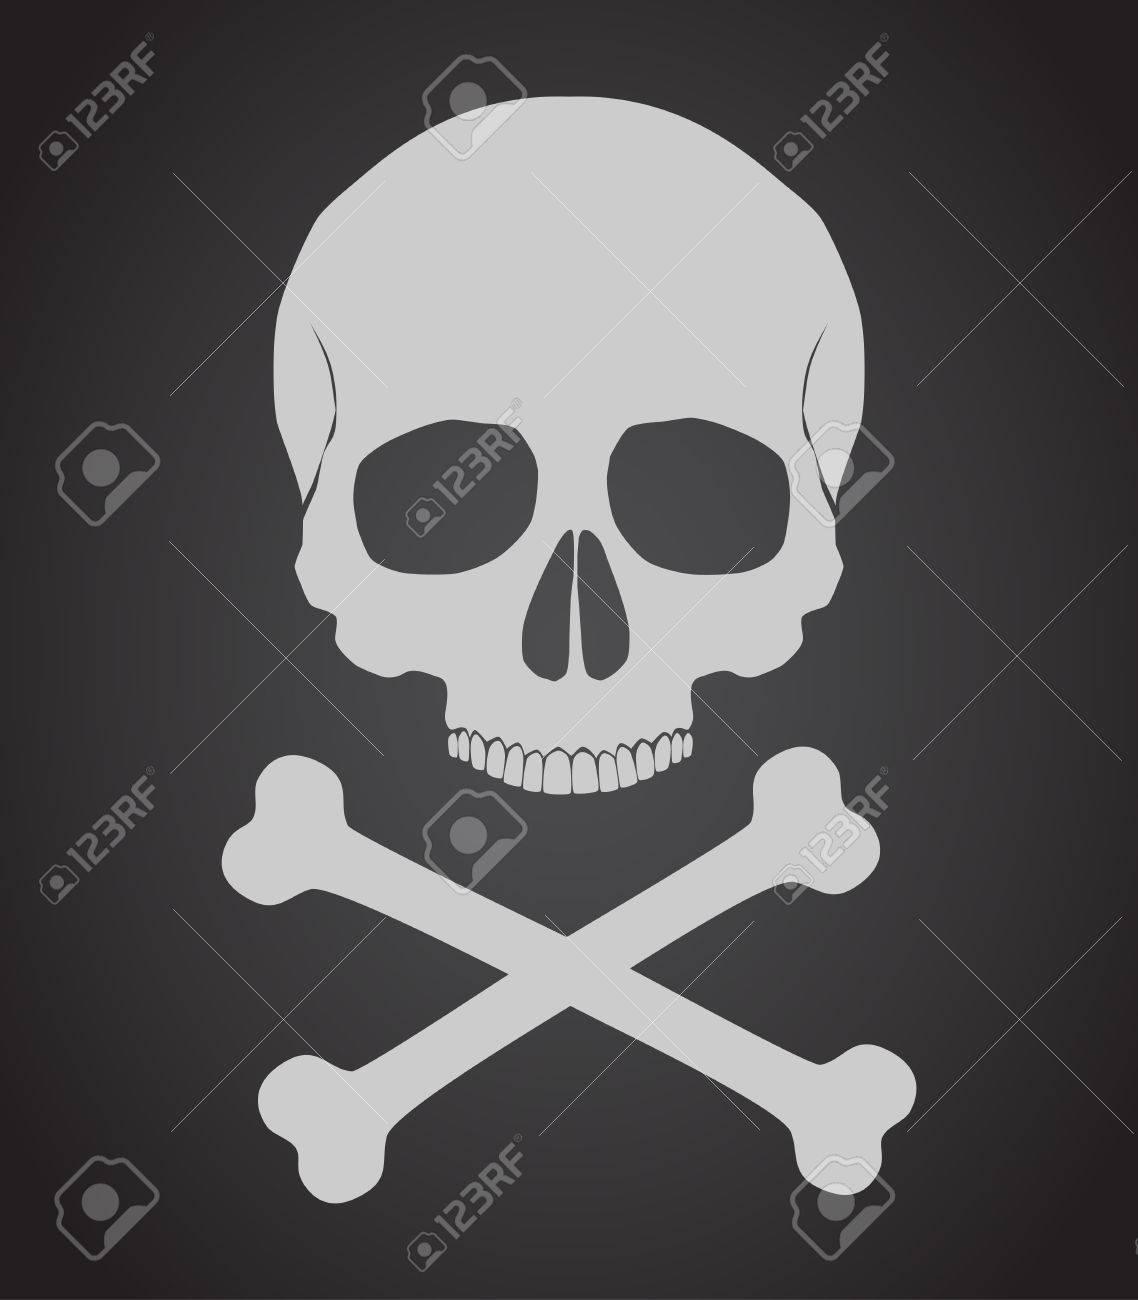 Skull and crossbones vector illustration - 34866108